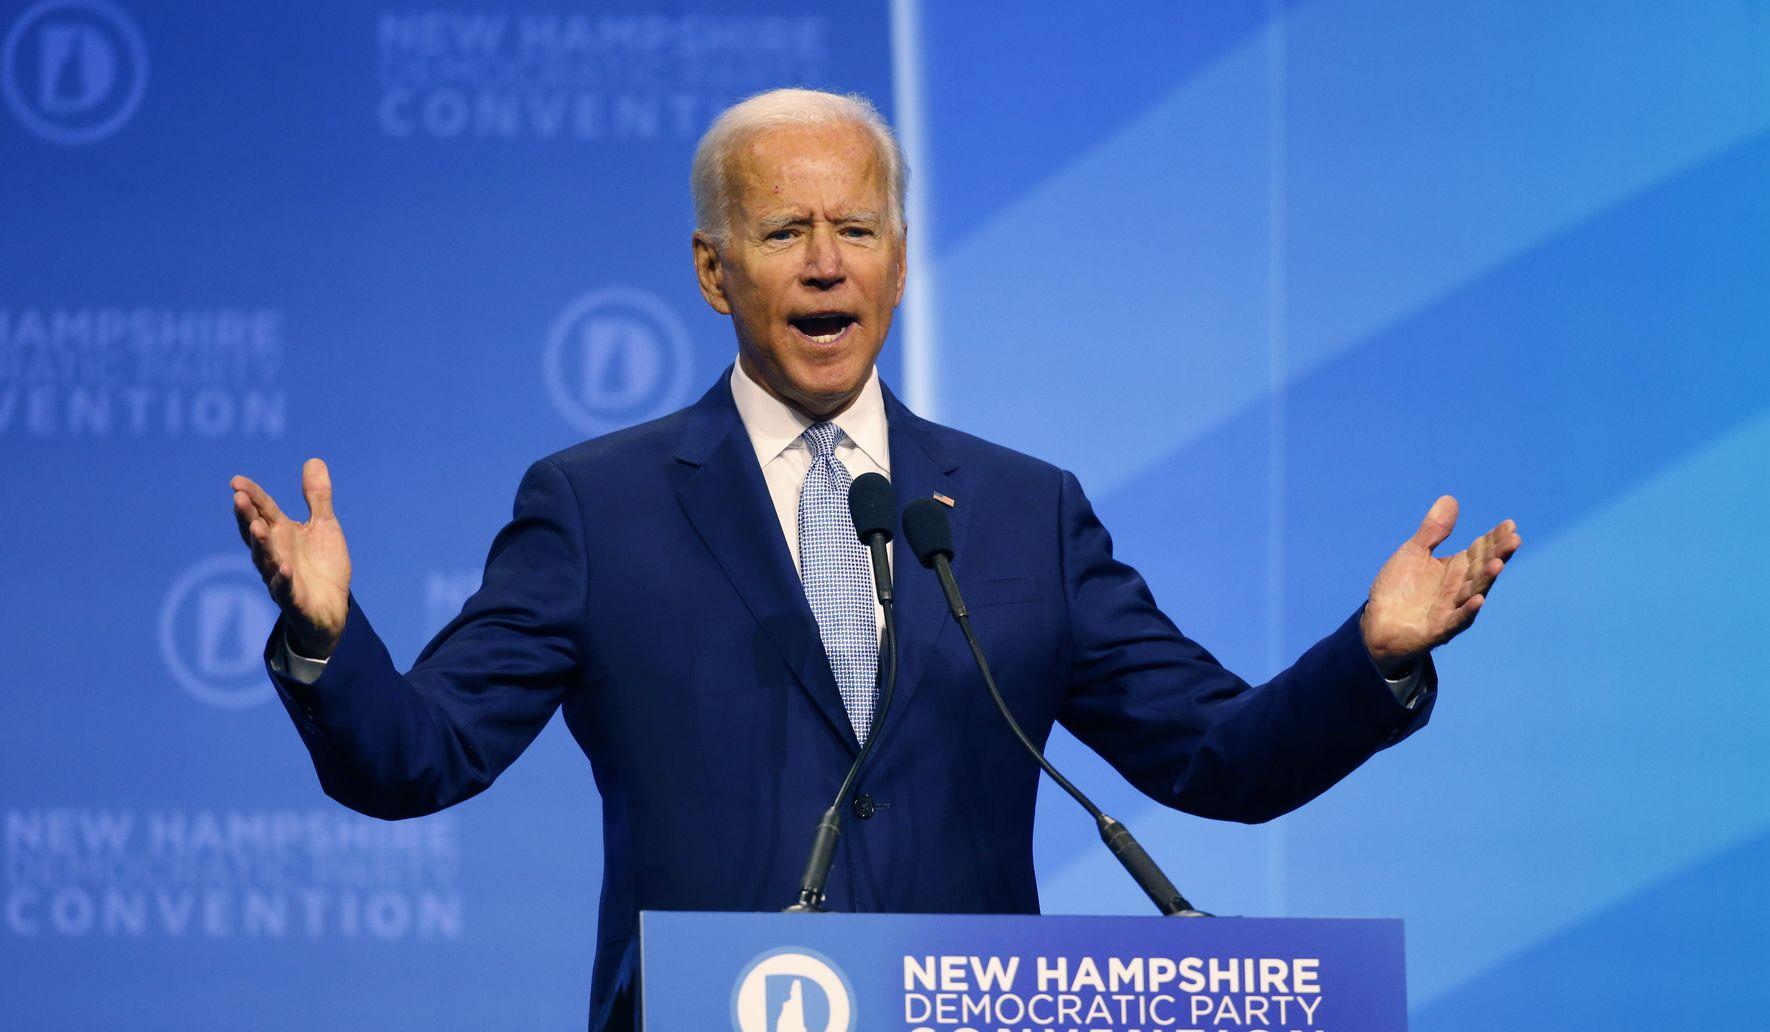 Joe Biden leads Elizabeth Warren by 10 points in Texas: Poll